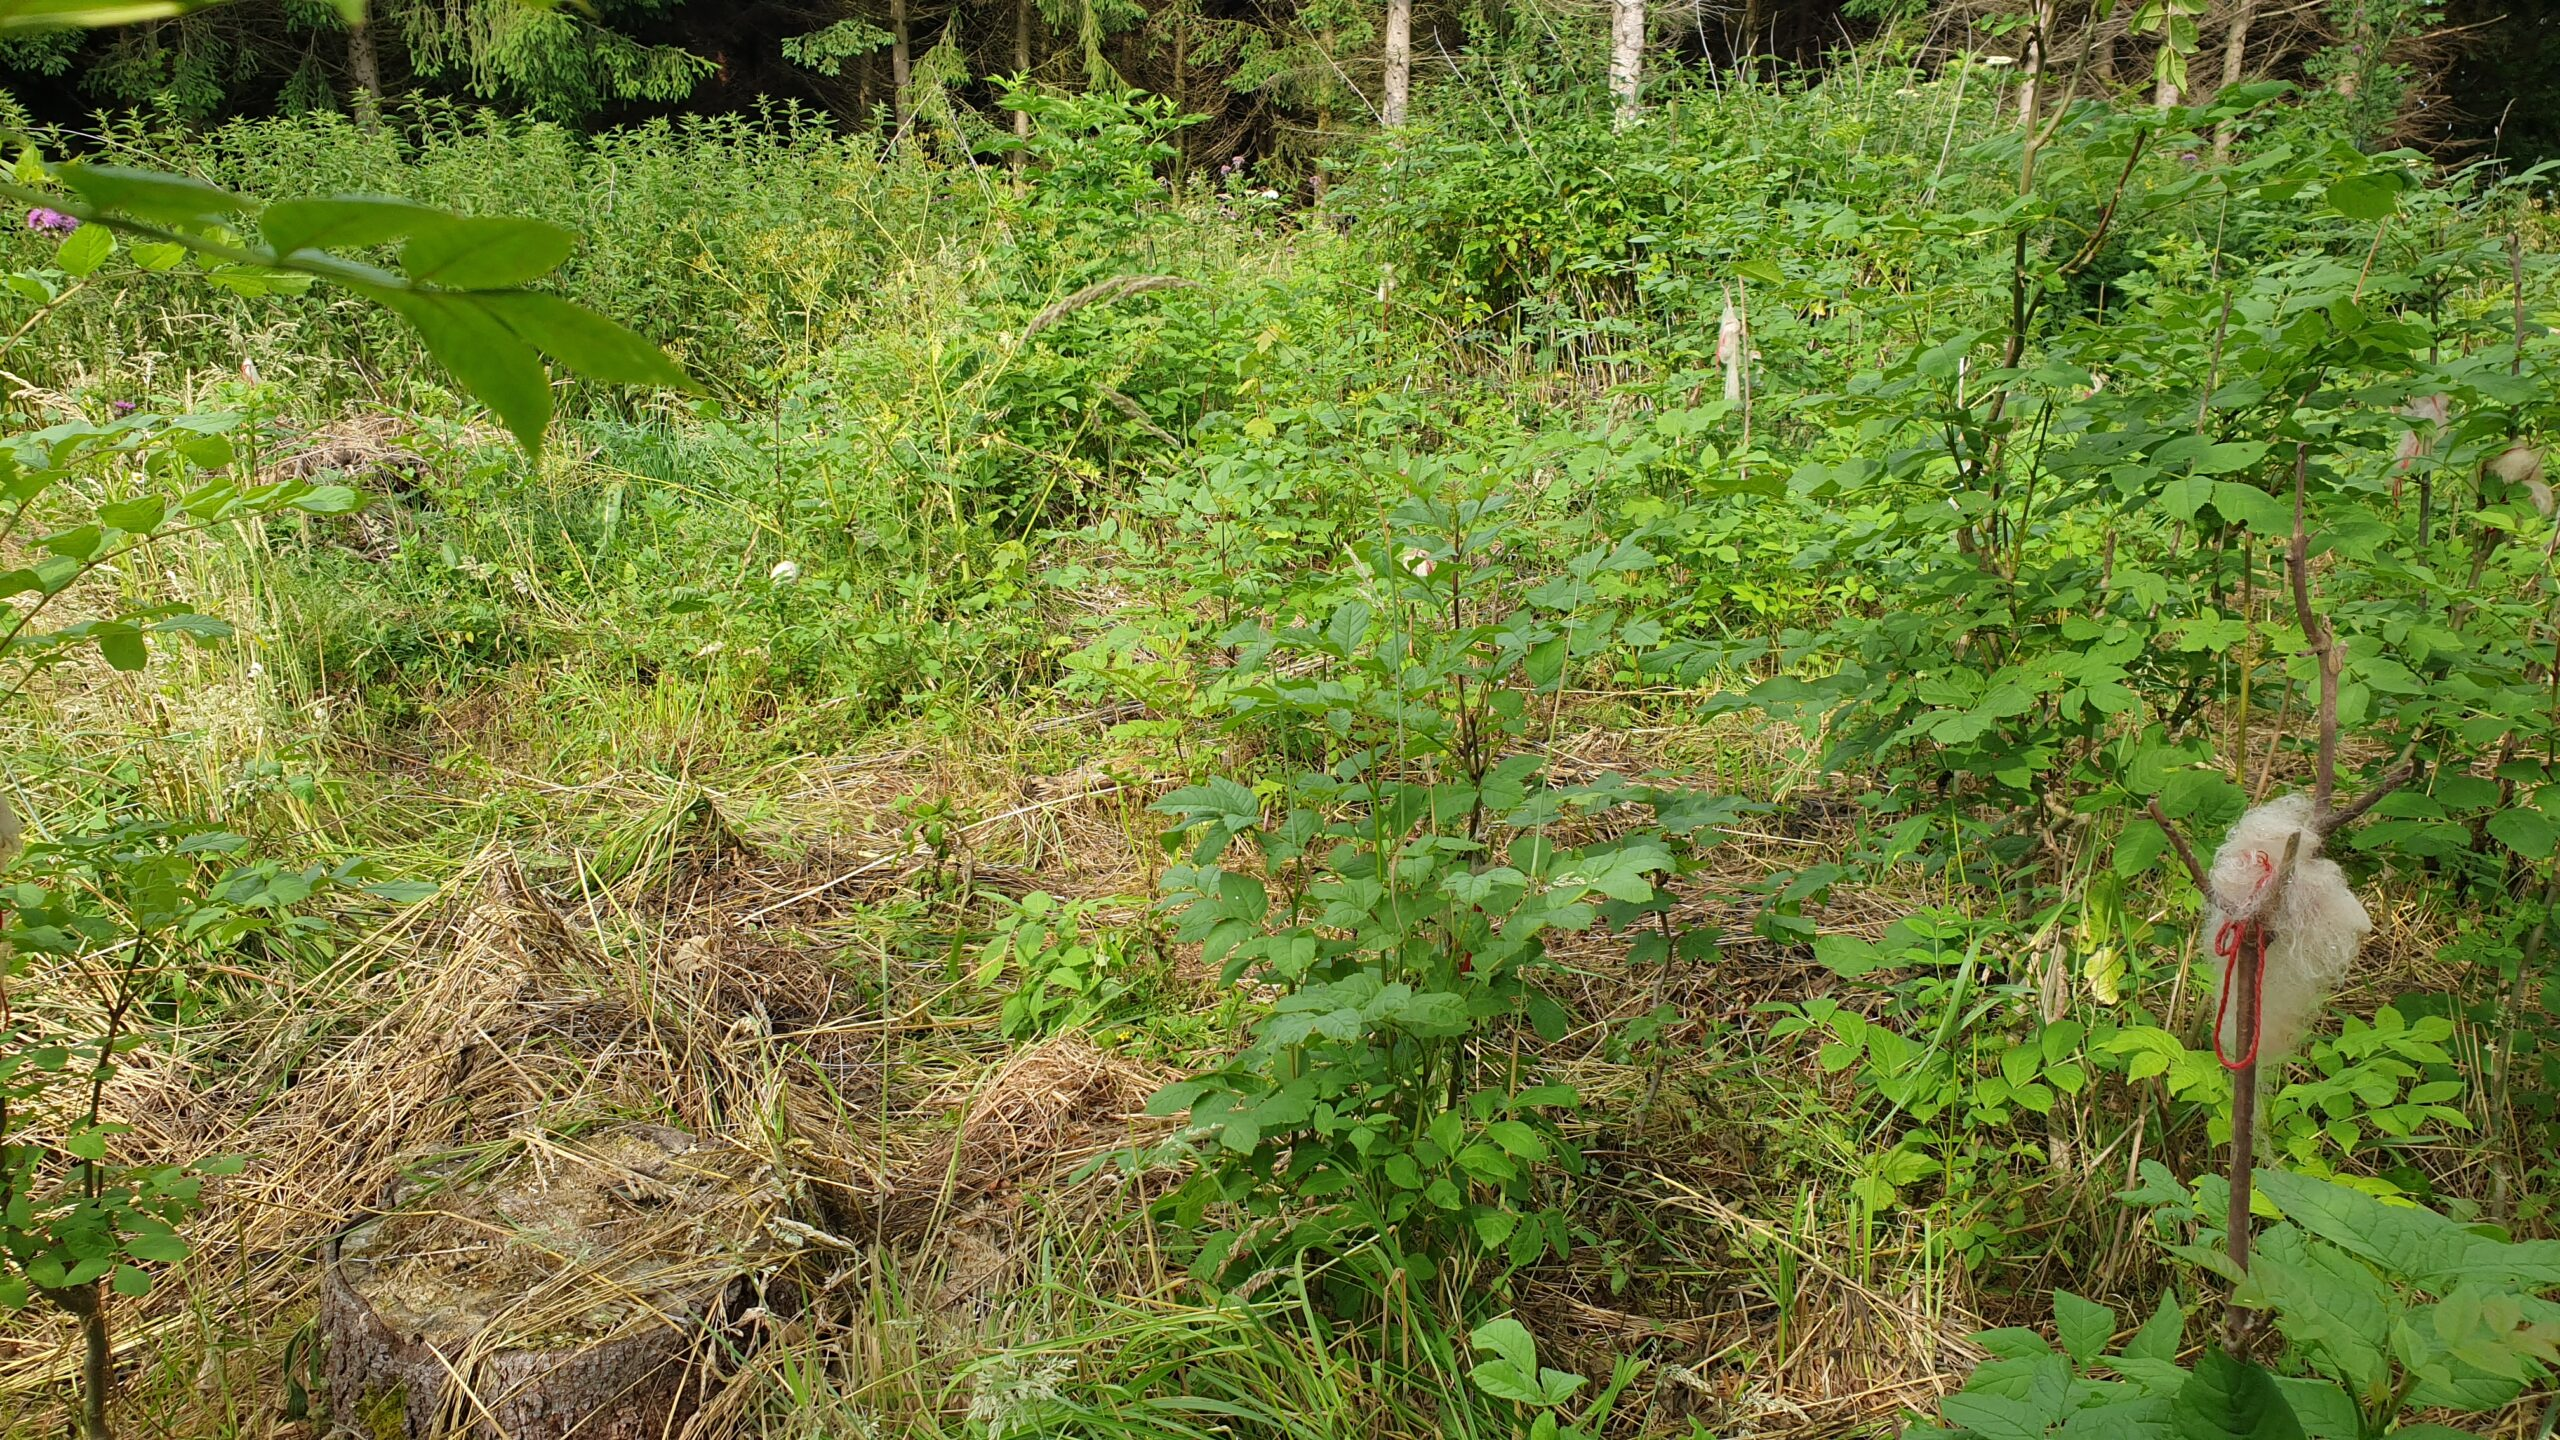 Hilfen zur Wieder-Bewaldung